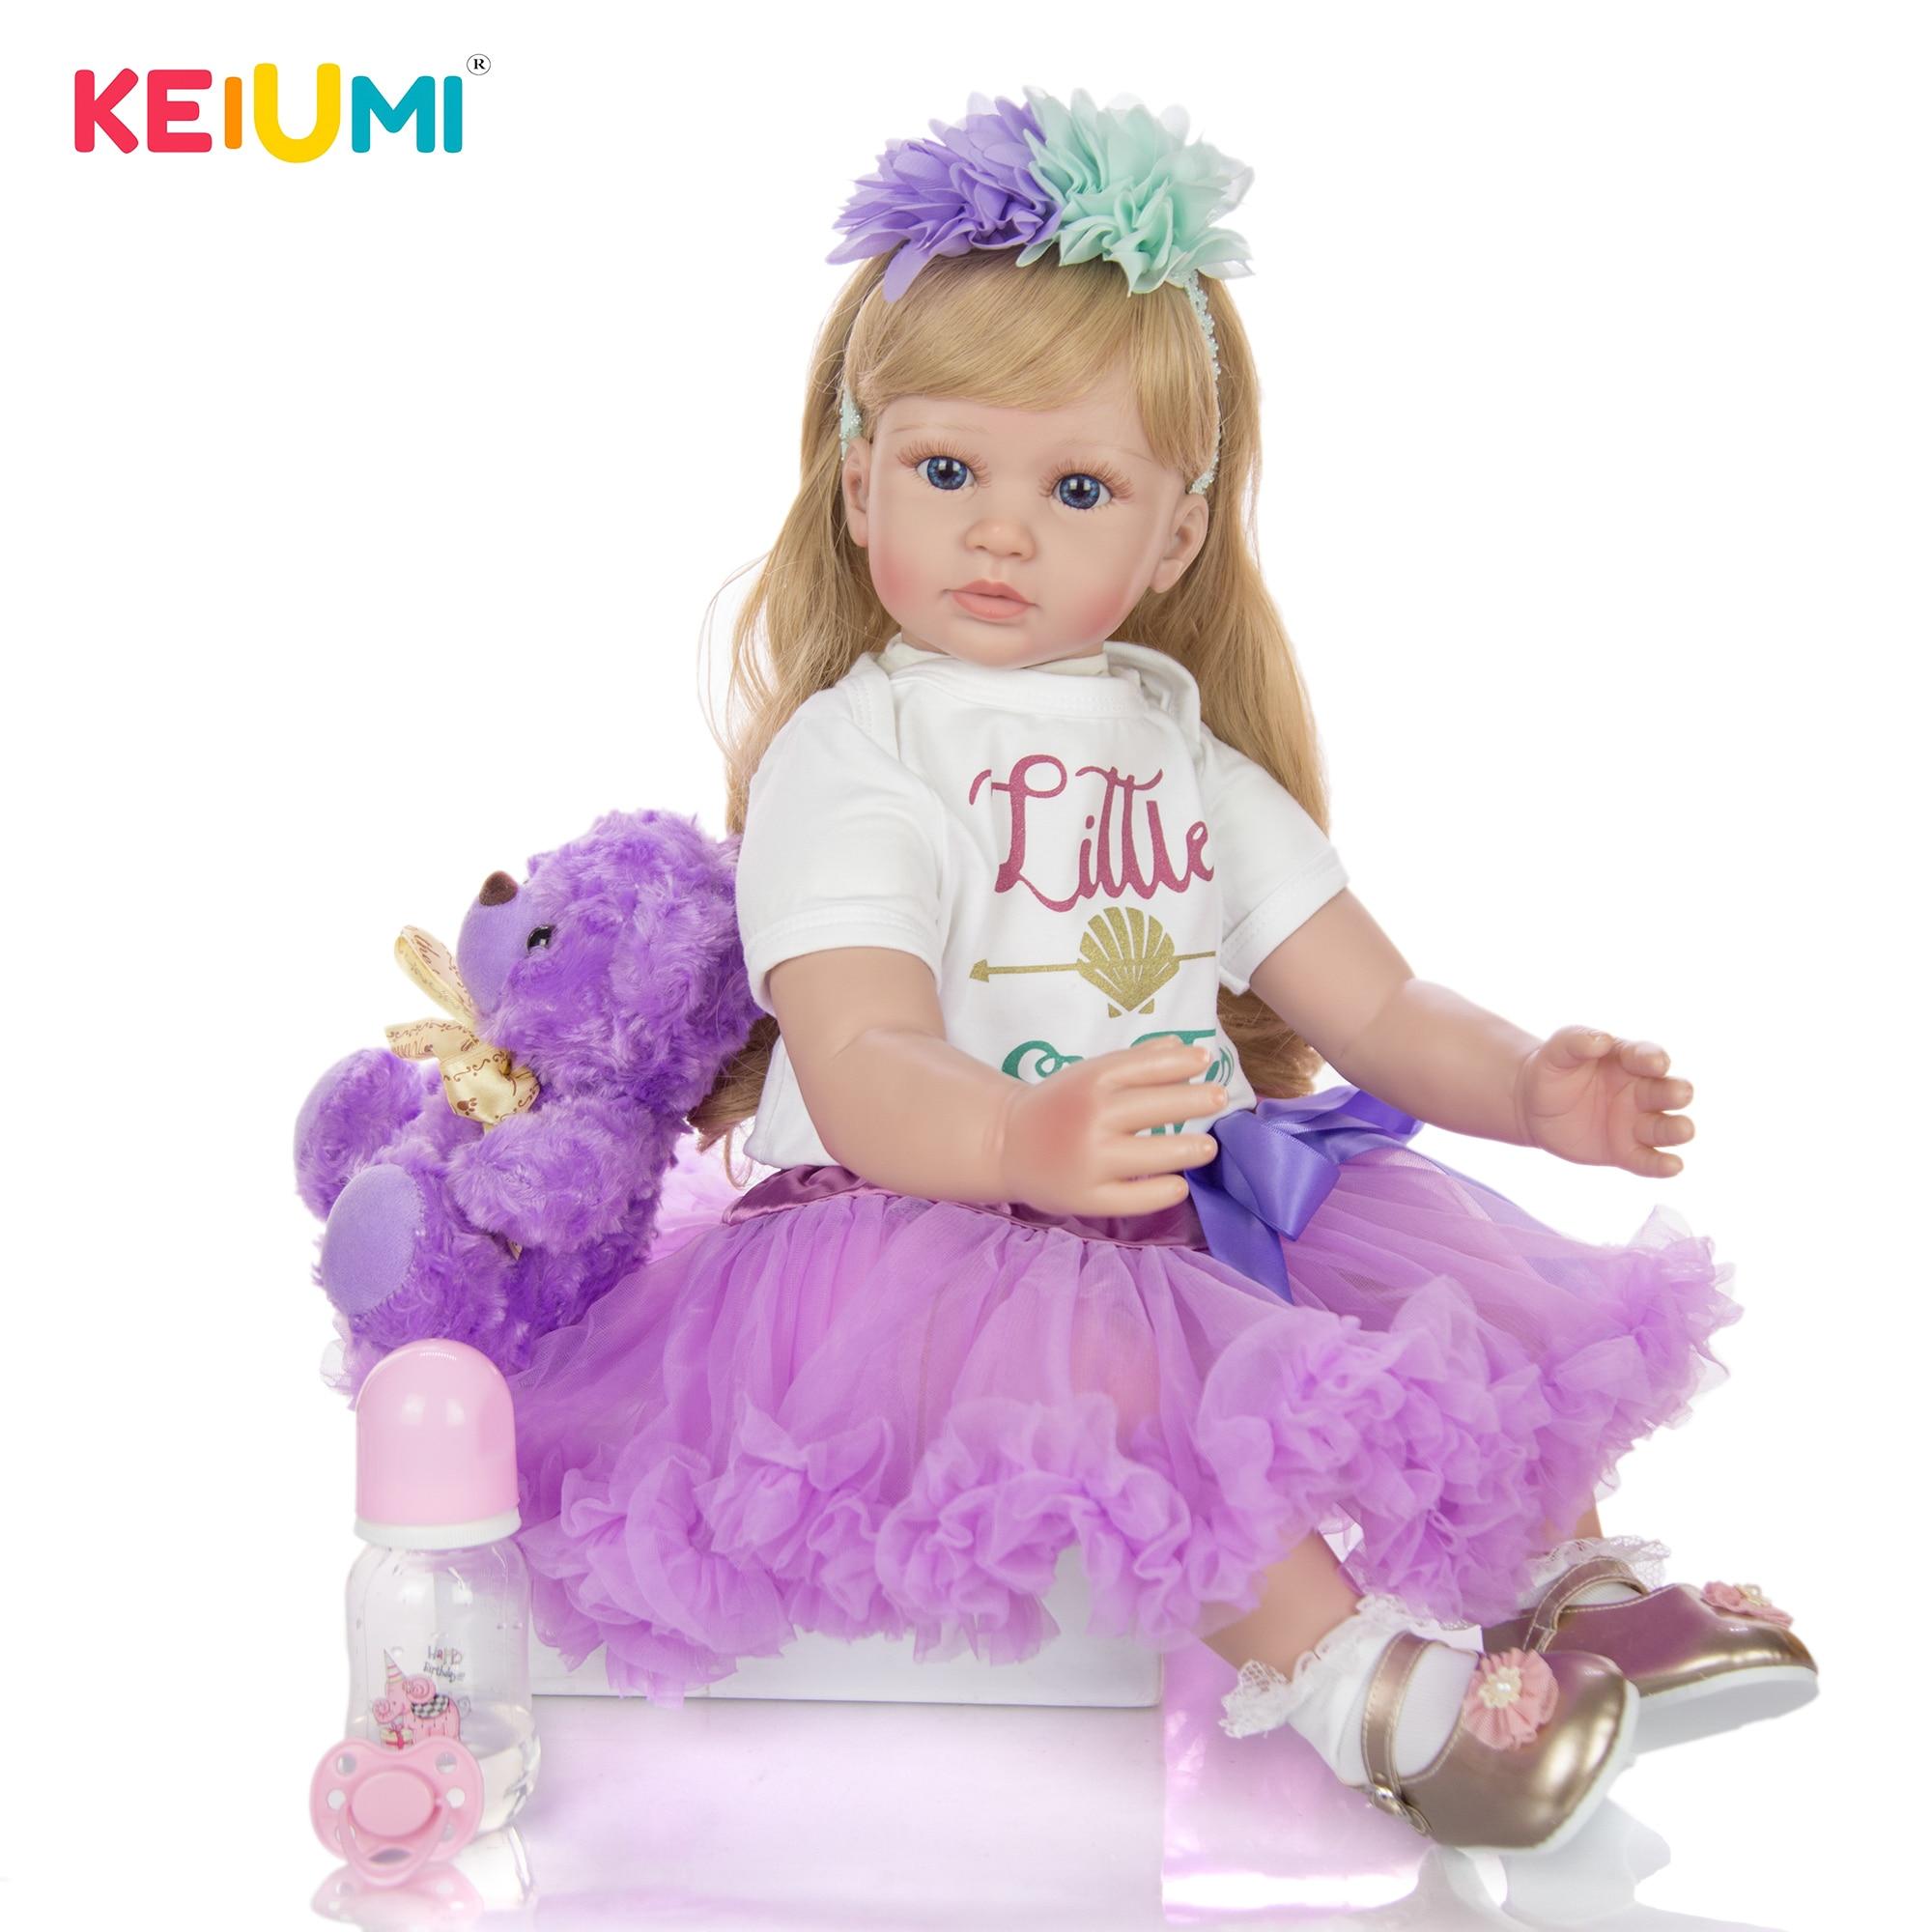 KEIUMI, новая фантазия, сделай сам, золотые кудри, кукла новорожденная, 60 см, Реалистичная принцесса, тканевое тело, новорожденная девочка, пода...